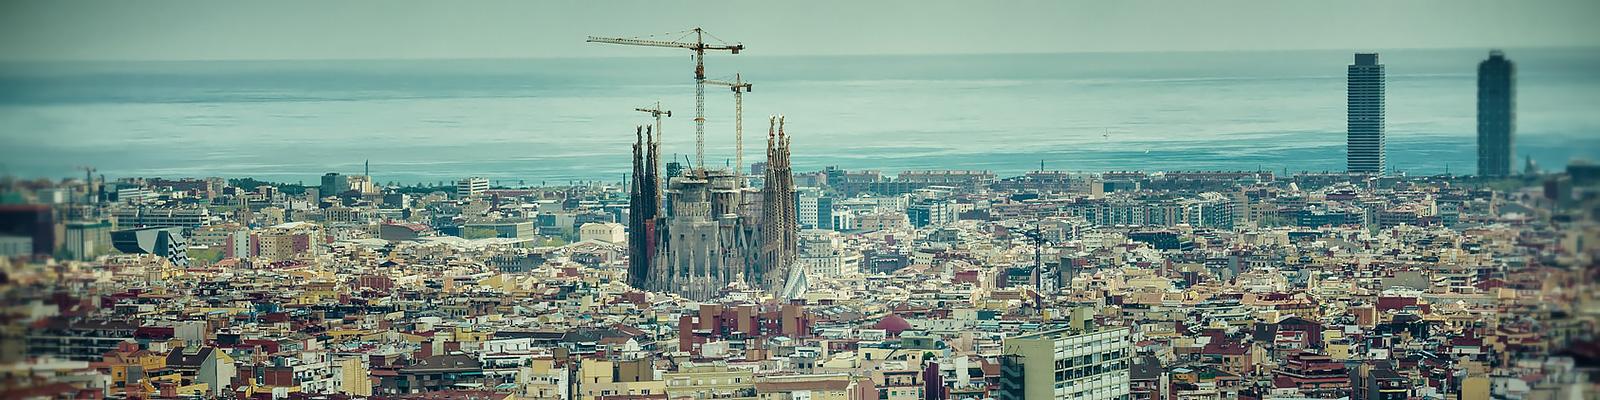 バルセロナ イメージ